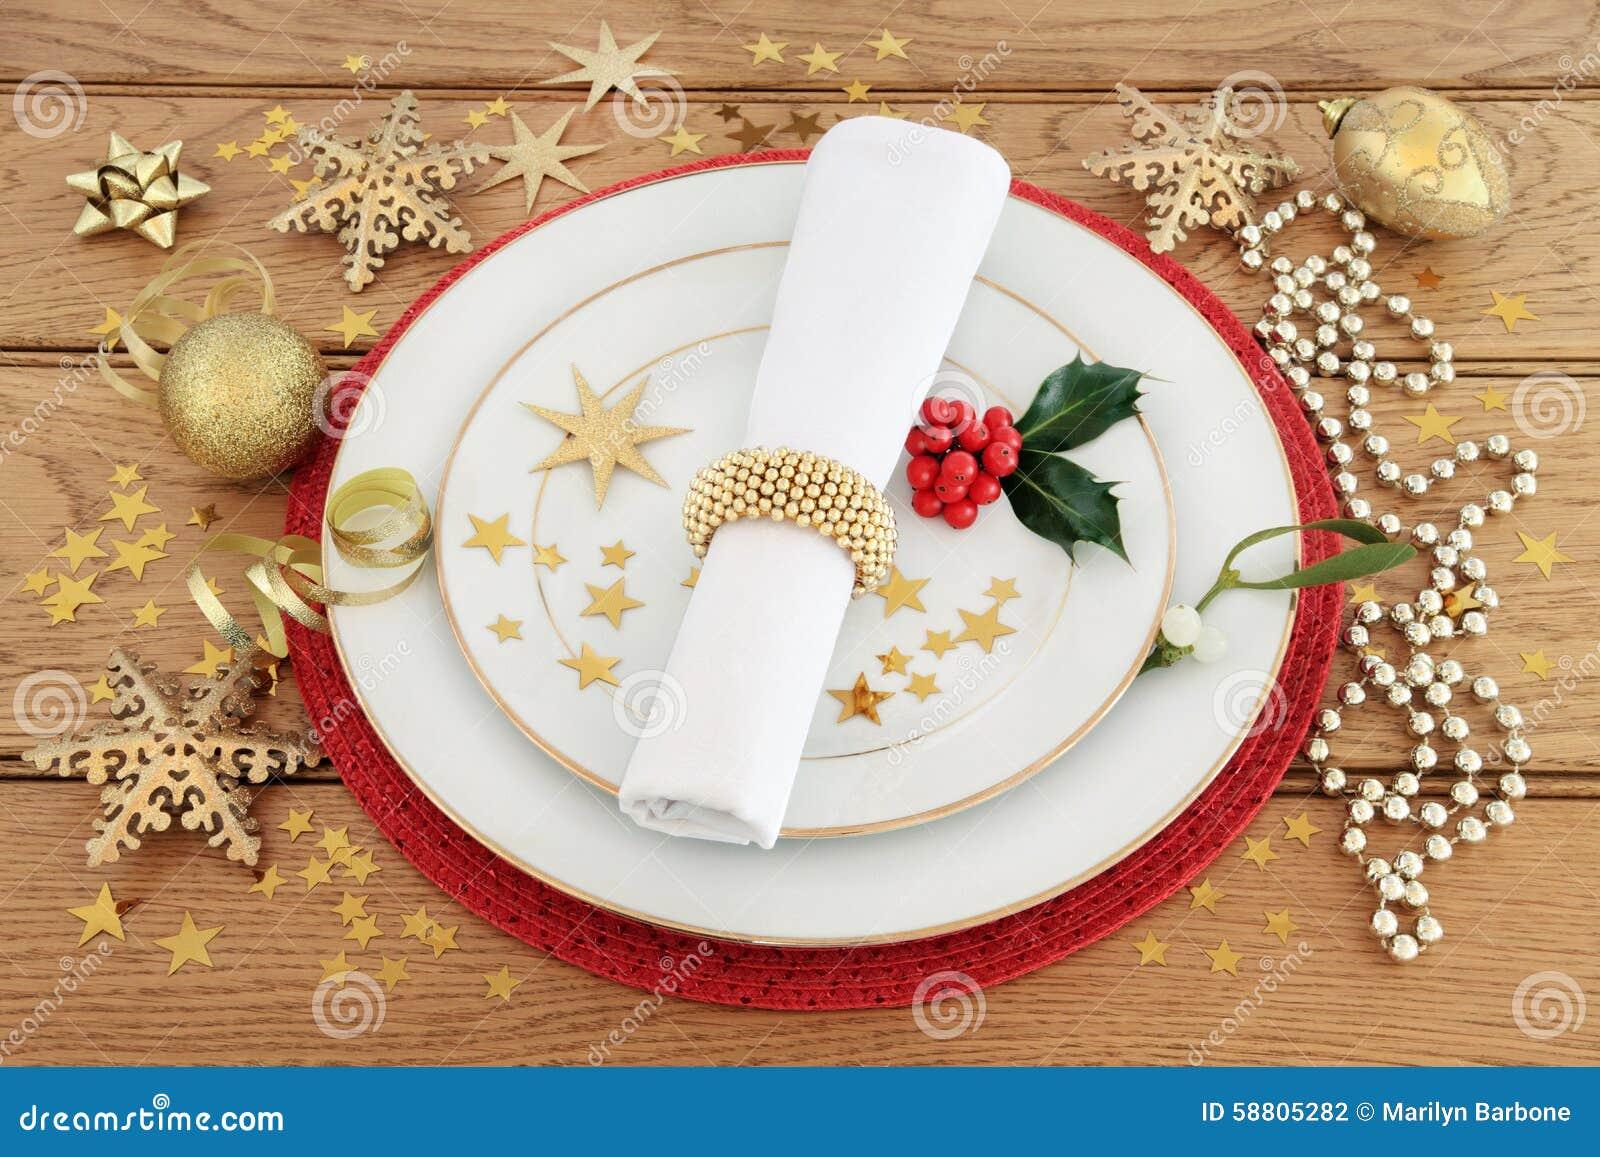 Série De Mensagens E Jantar De: Festive Place Setting Stock Photo